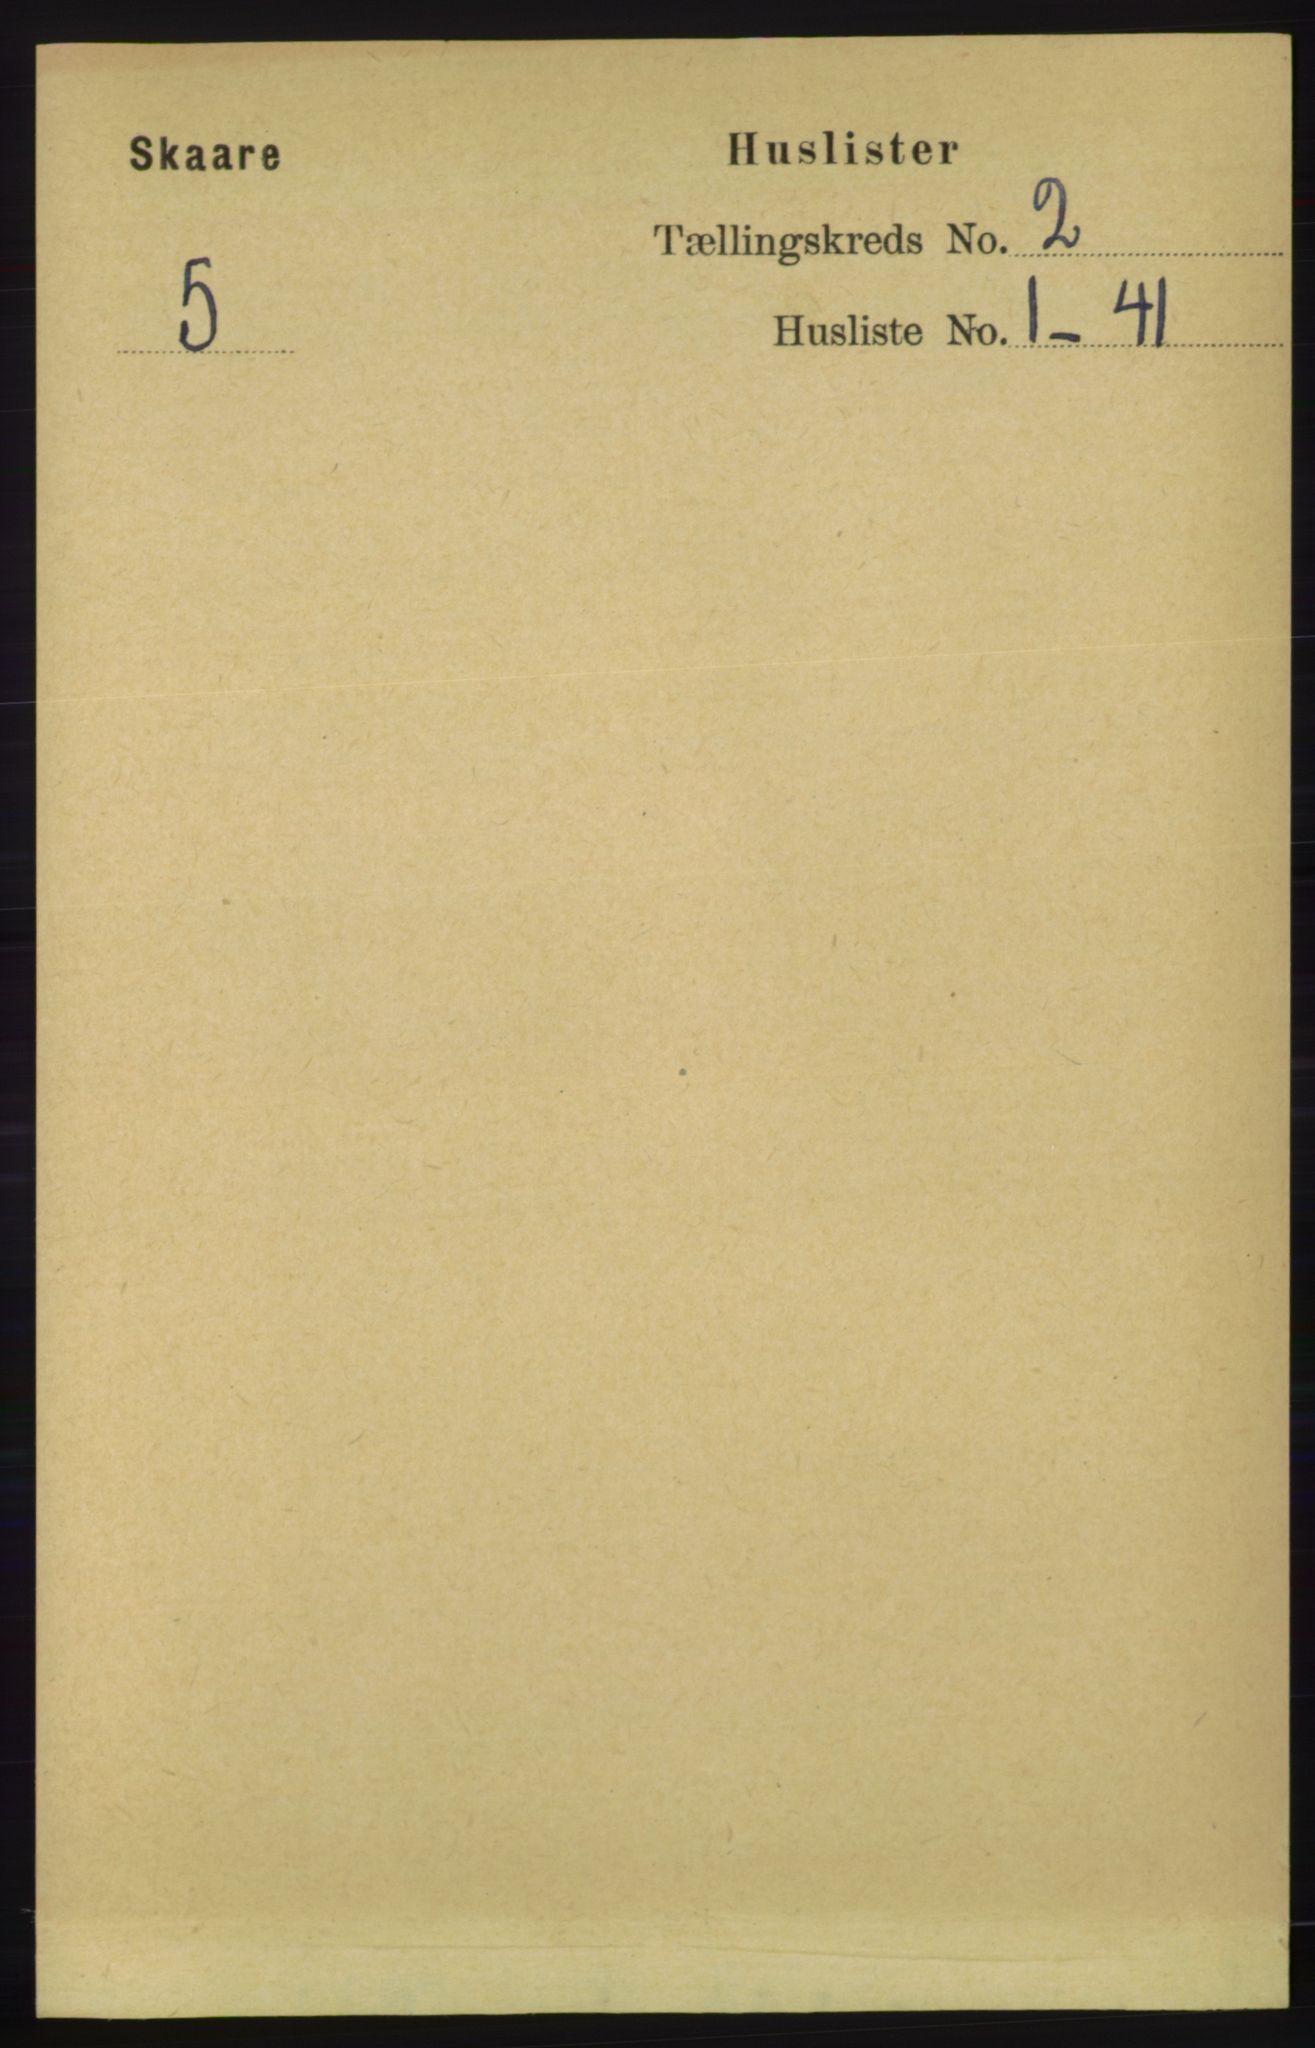 RA, Folketelling 1891 for 1153 Skåre herred, 1891, s. 689